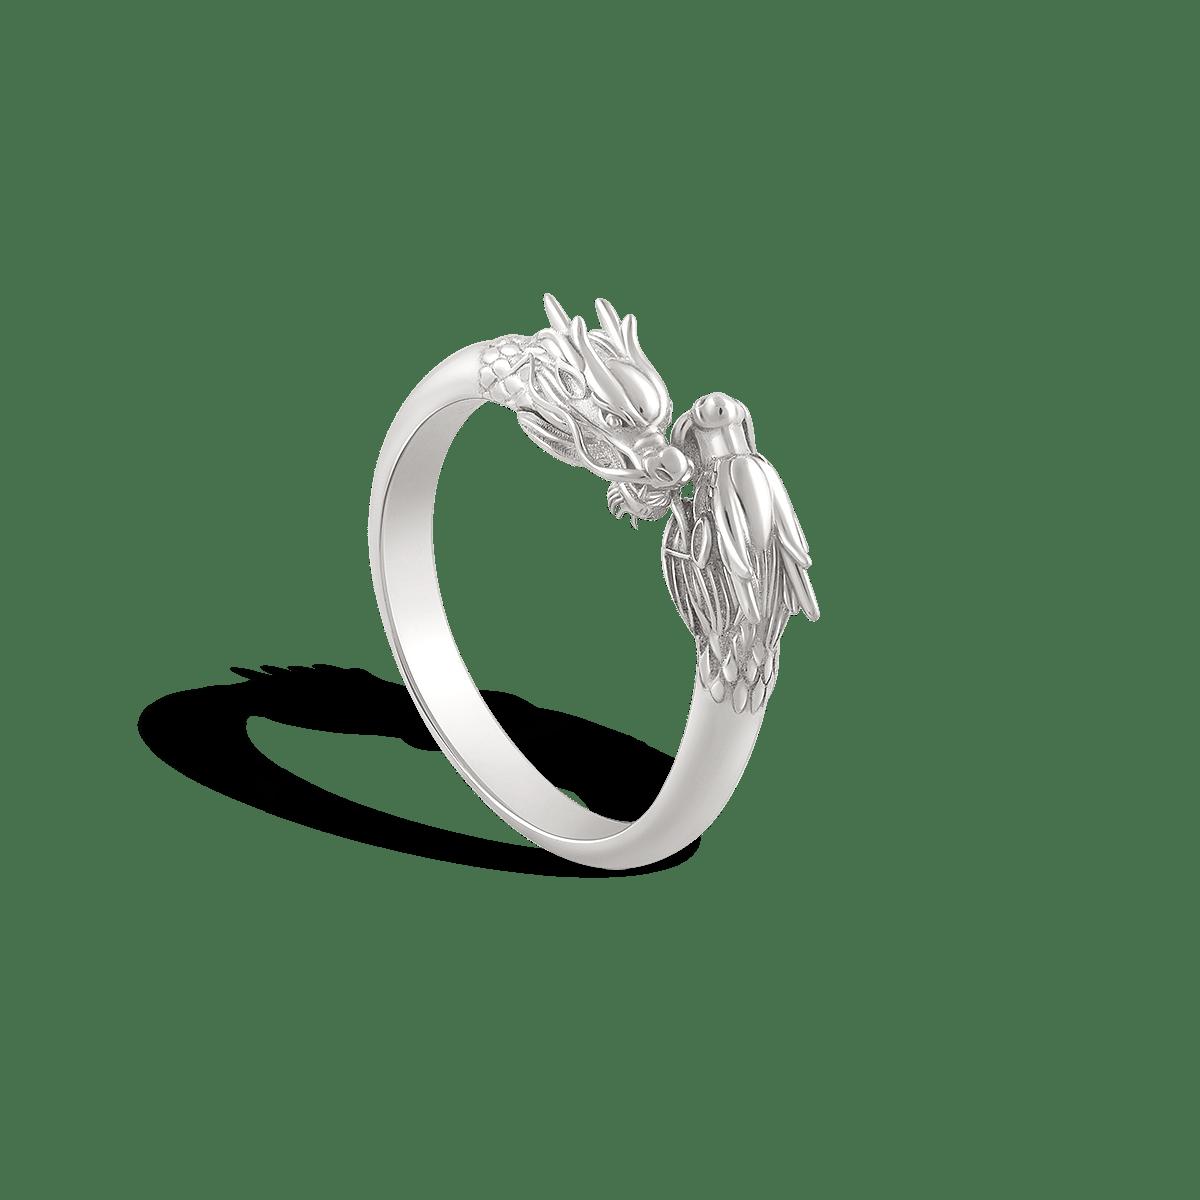 انگشتر نقره تایفِن Typhon